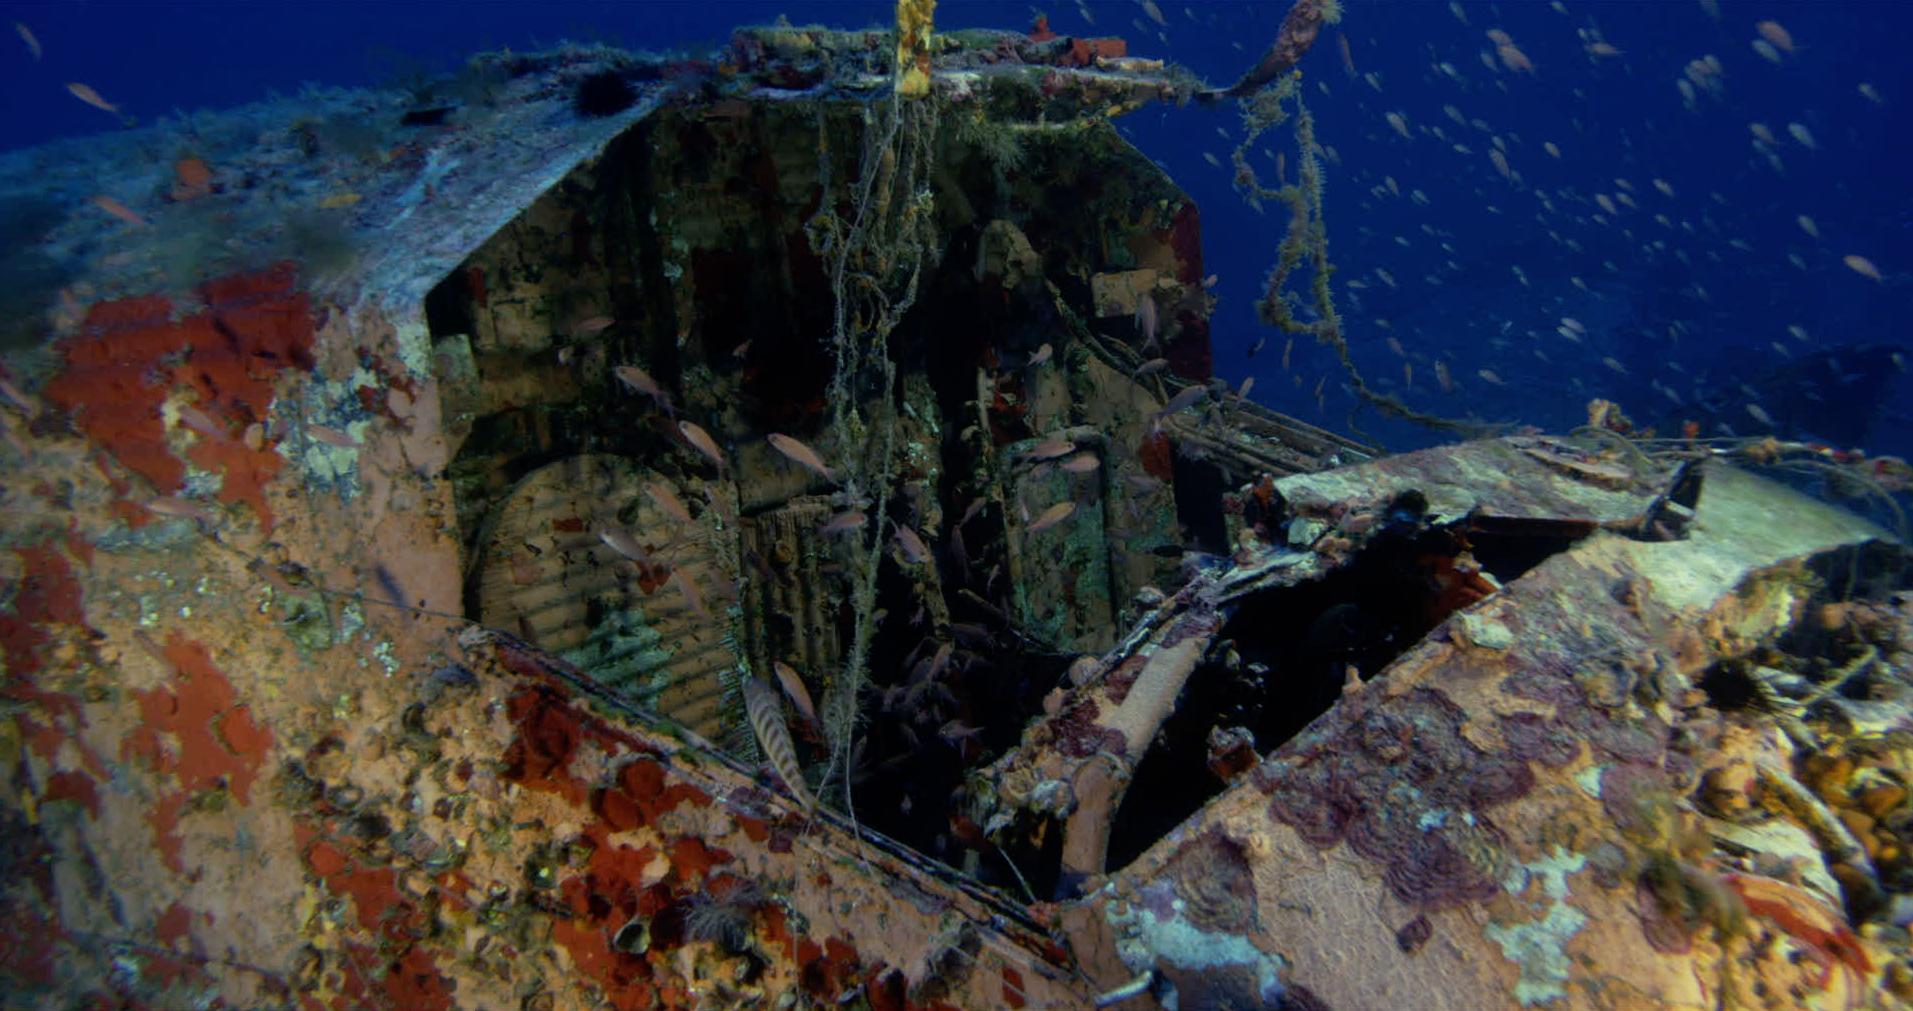 Exploring a Ju 52 wreck